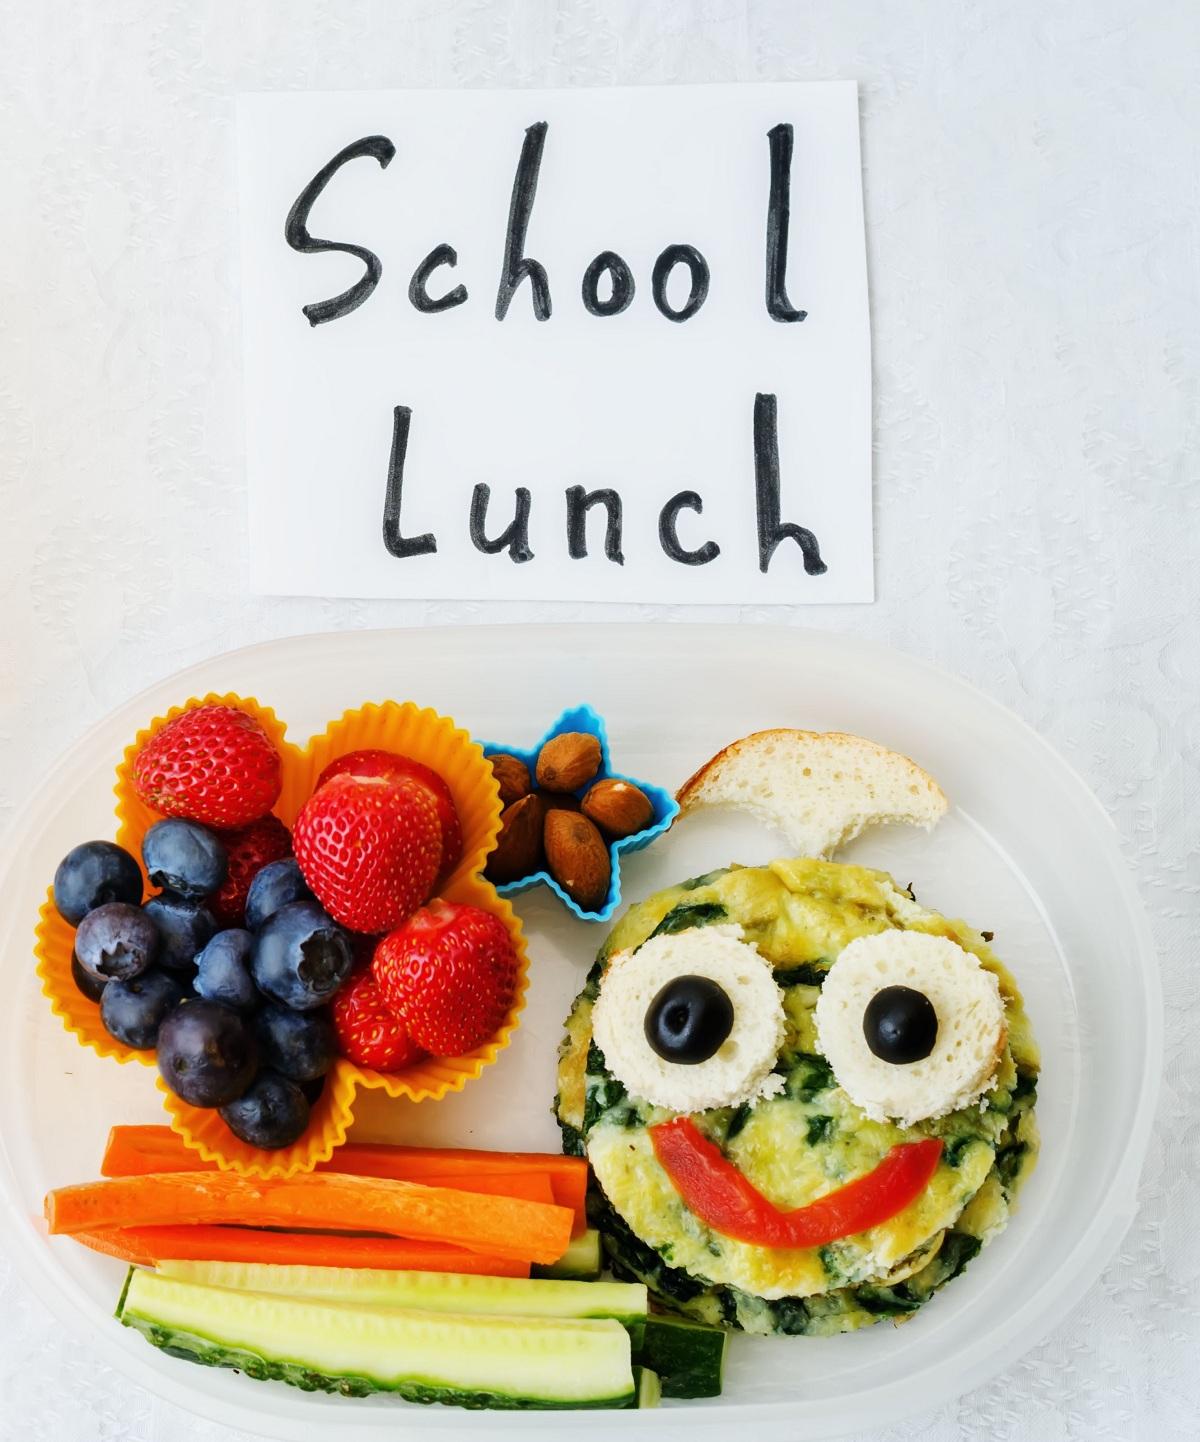 Vullen weer die lunchtrommels, maar wel gezond!